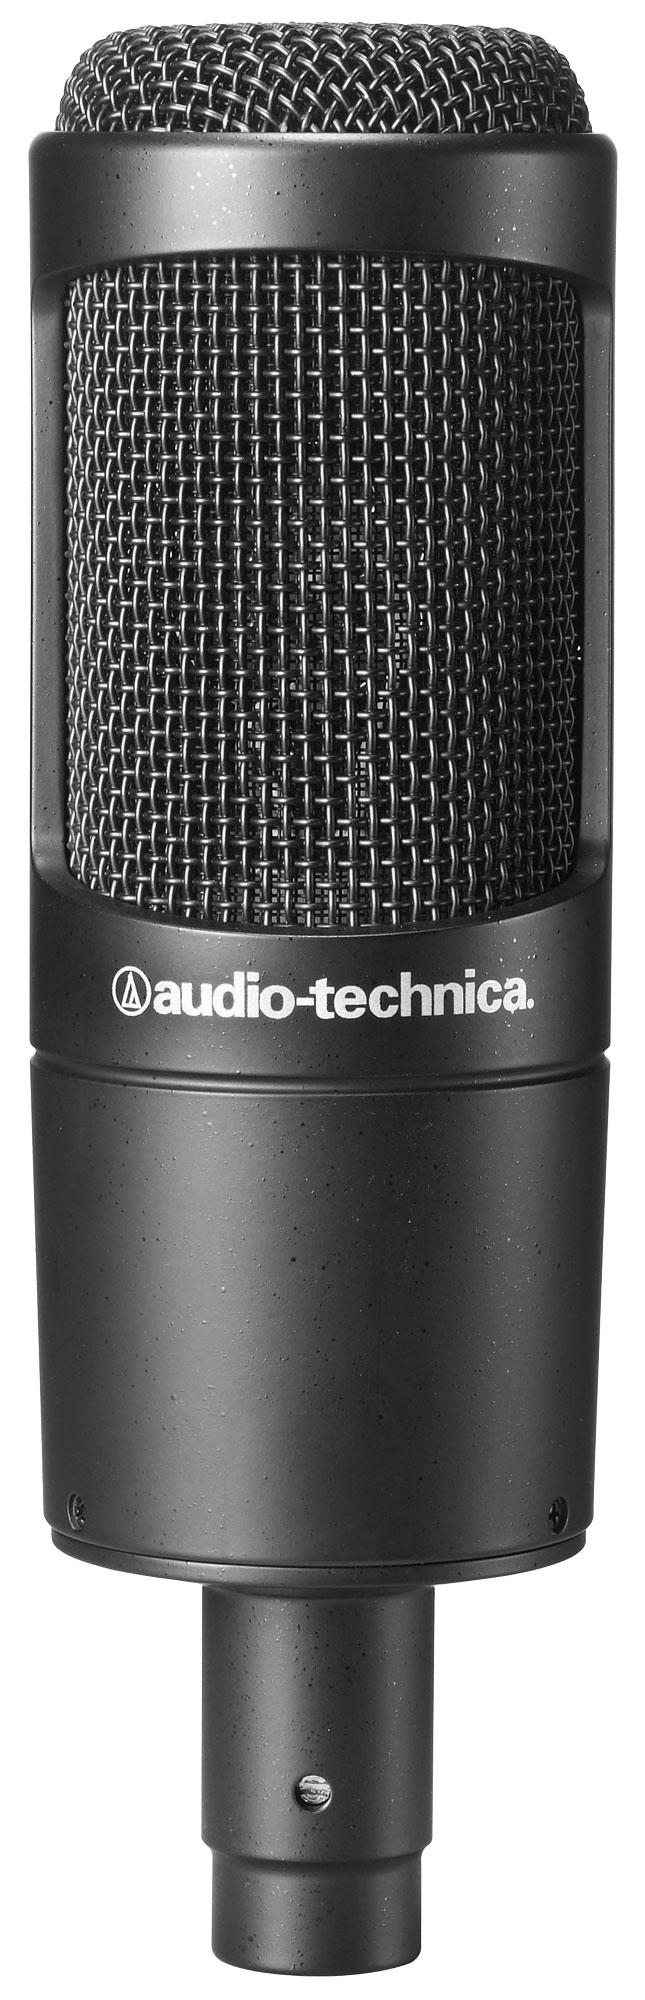 Audio Technica AT2035 Kondensatormikrofon